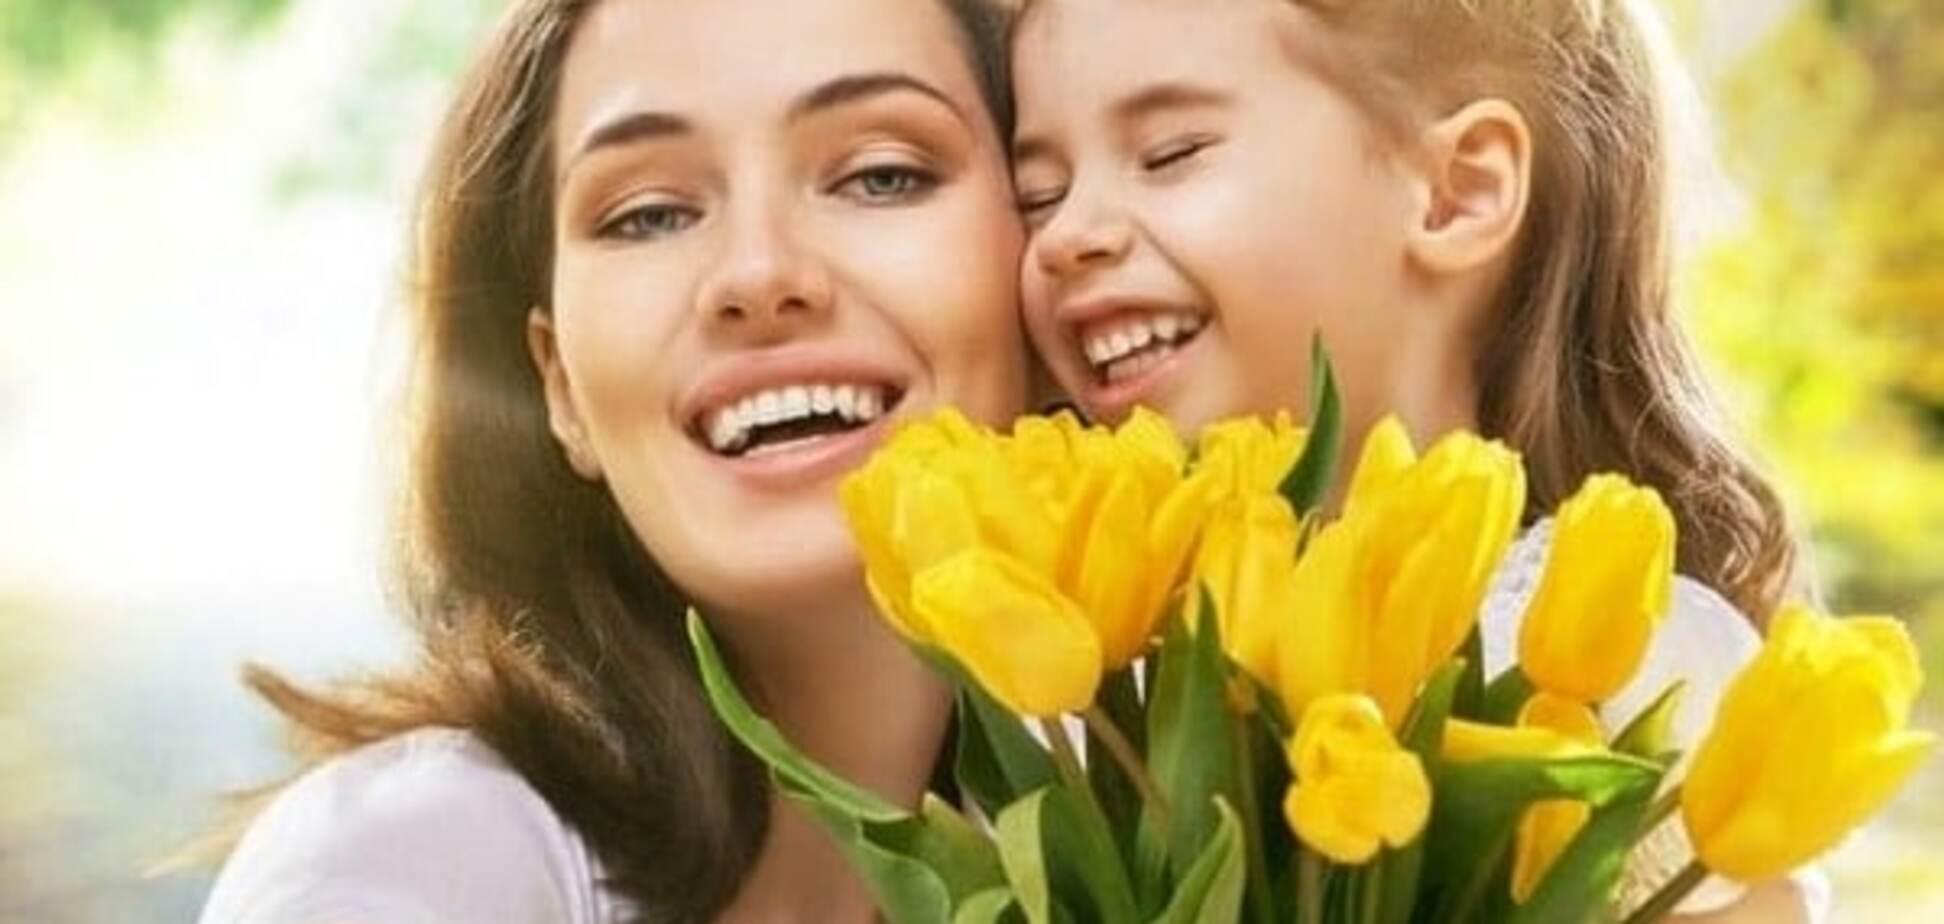 'Спасибі за життя!' В Україні зворушливо привітали матерів зі святом